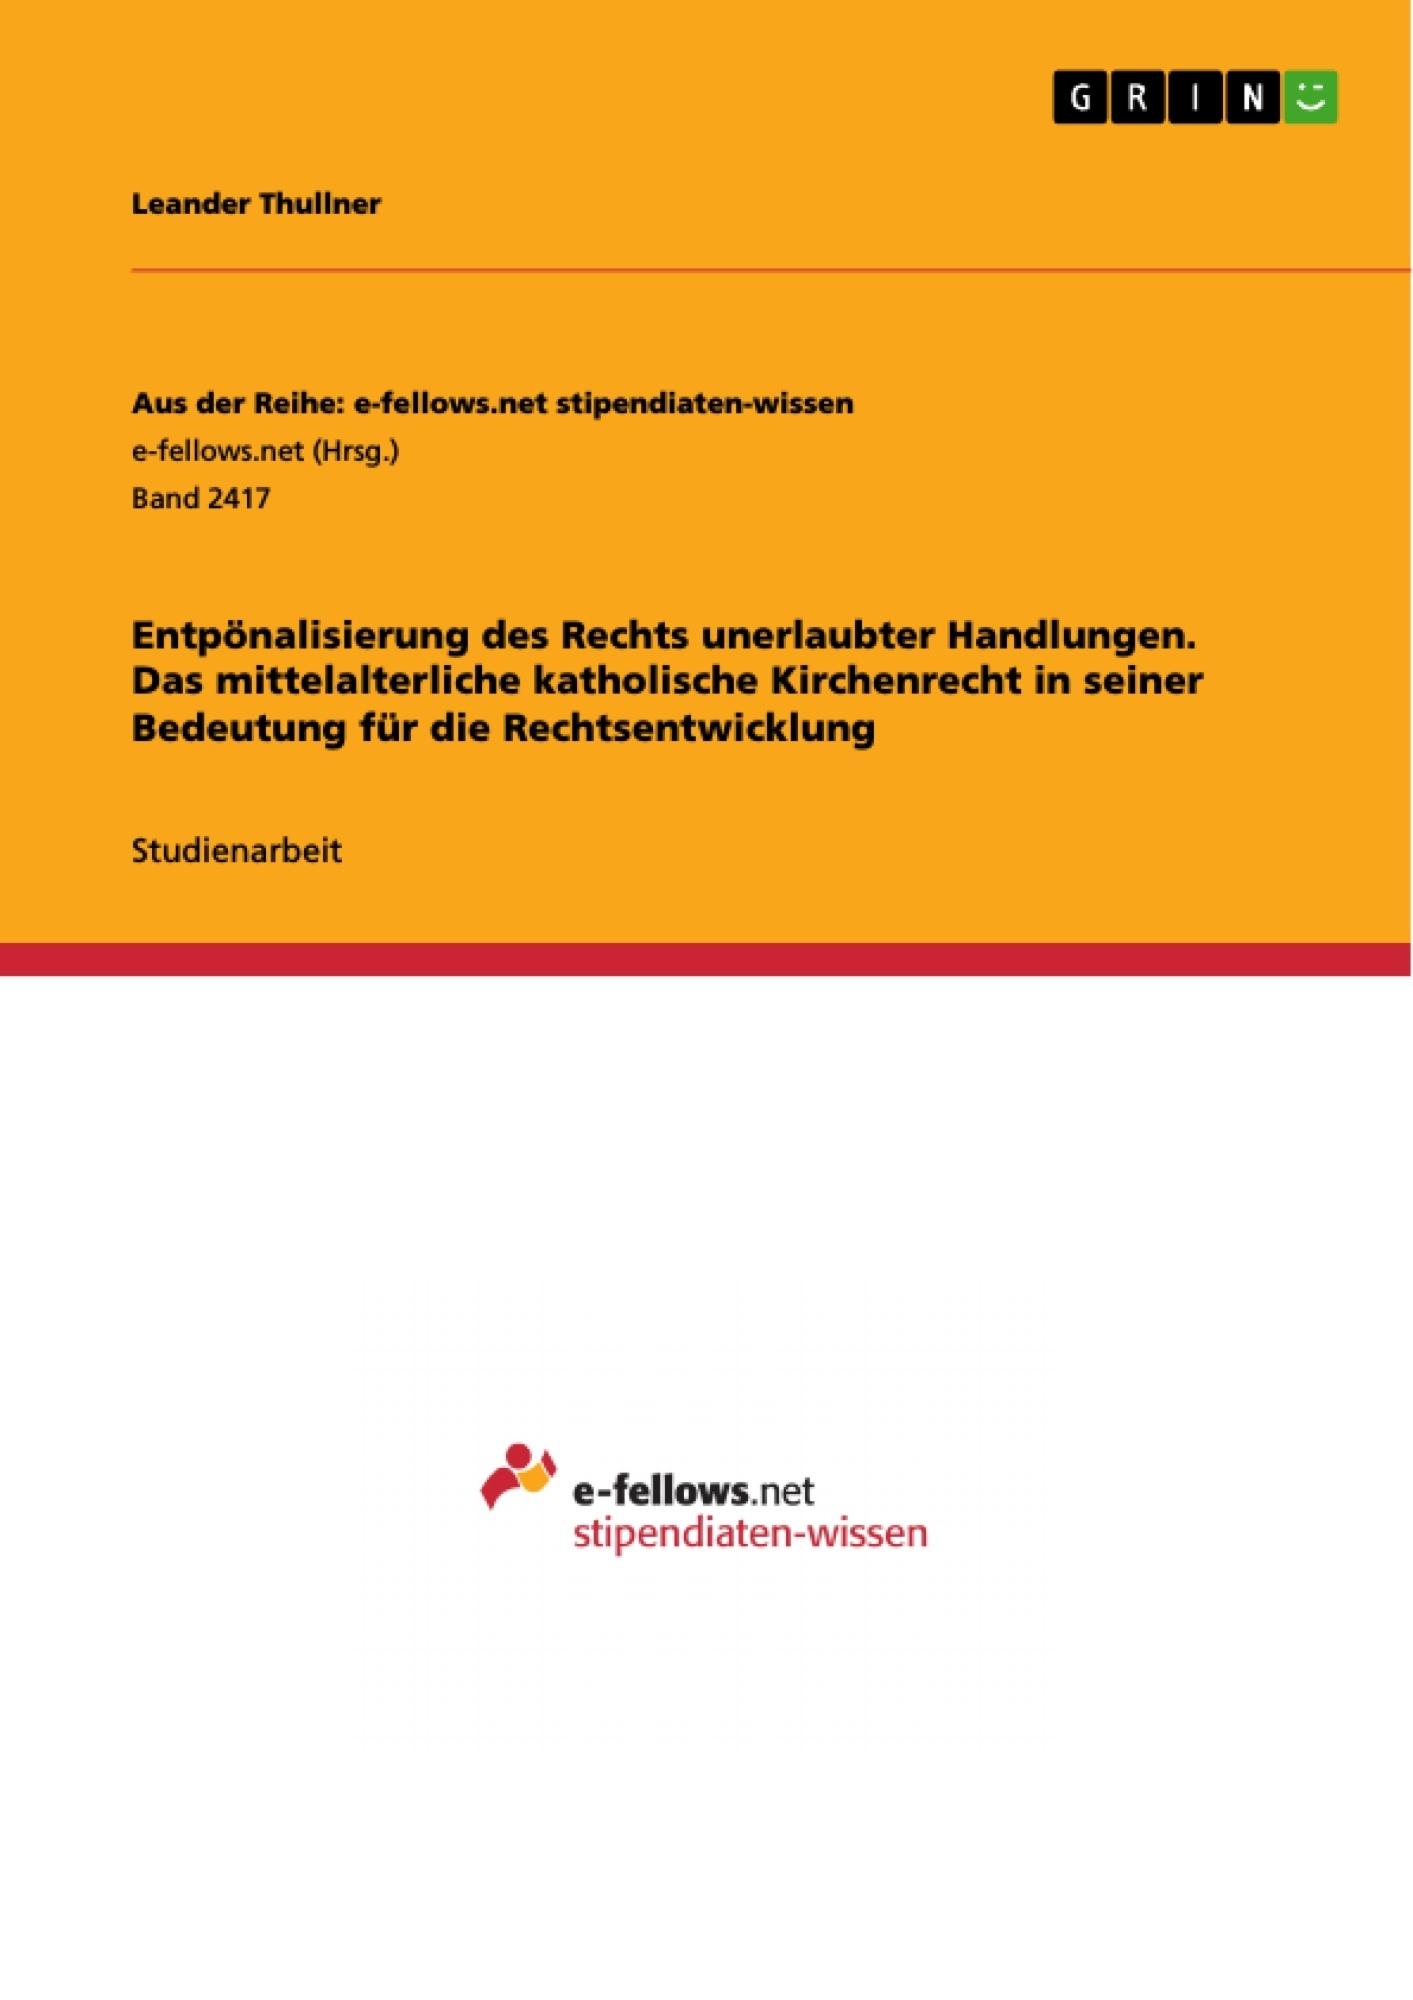 Titel: Entpönalisierung des Rechts unerlaubter Handlungen. Das mittelalterliche katholische Kirchenrecht in seiner Bedeutung für die Rechtsentwicklung